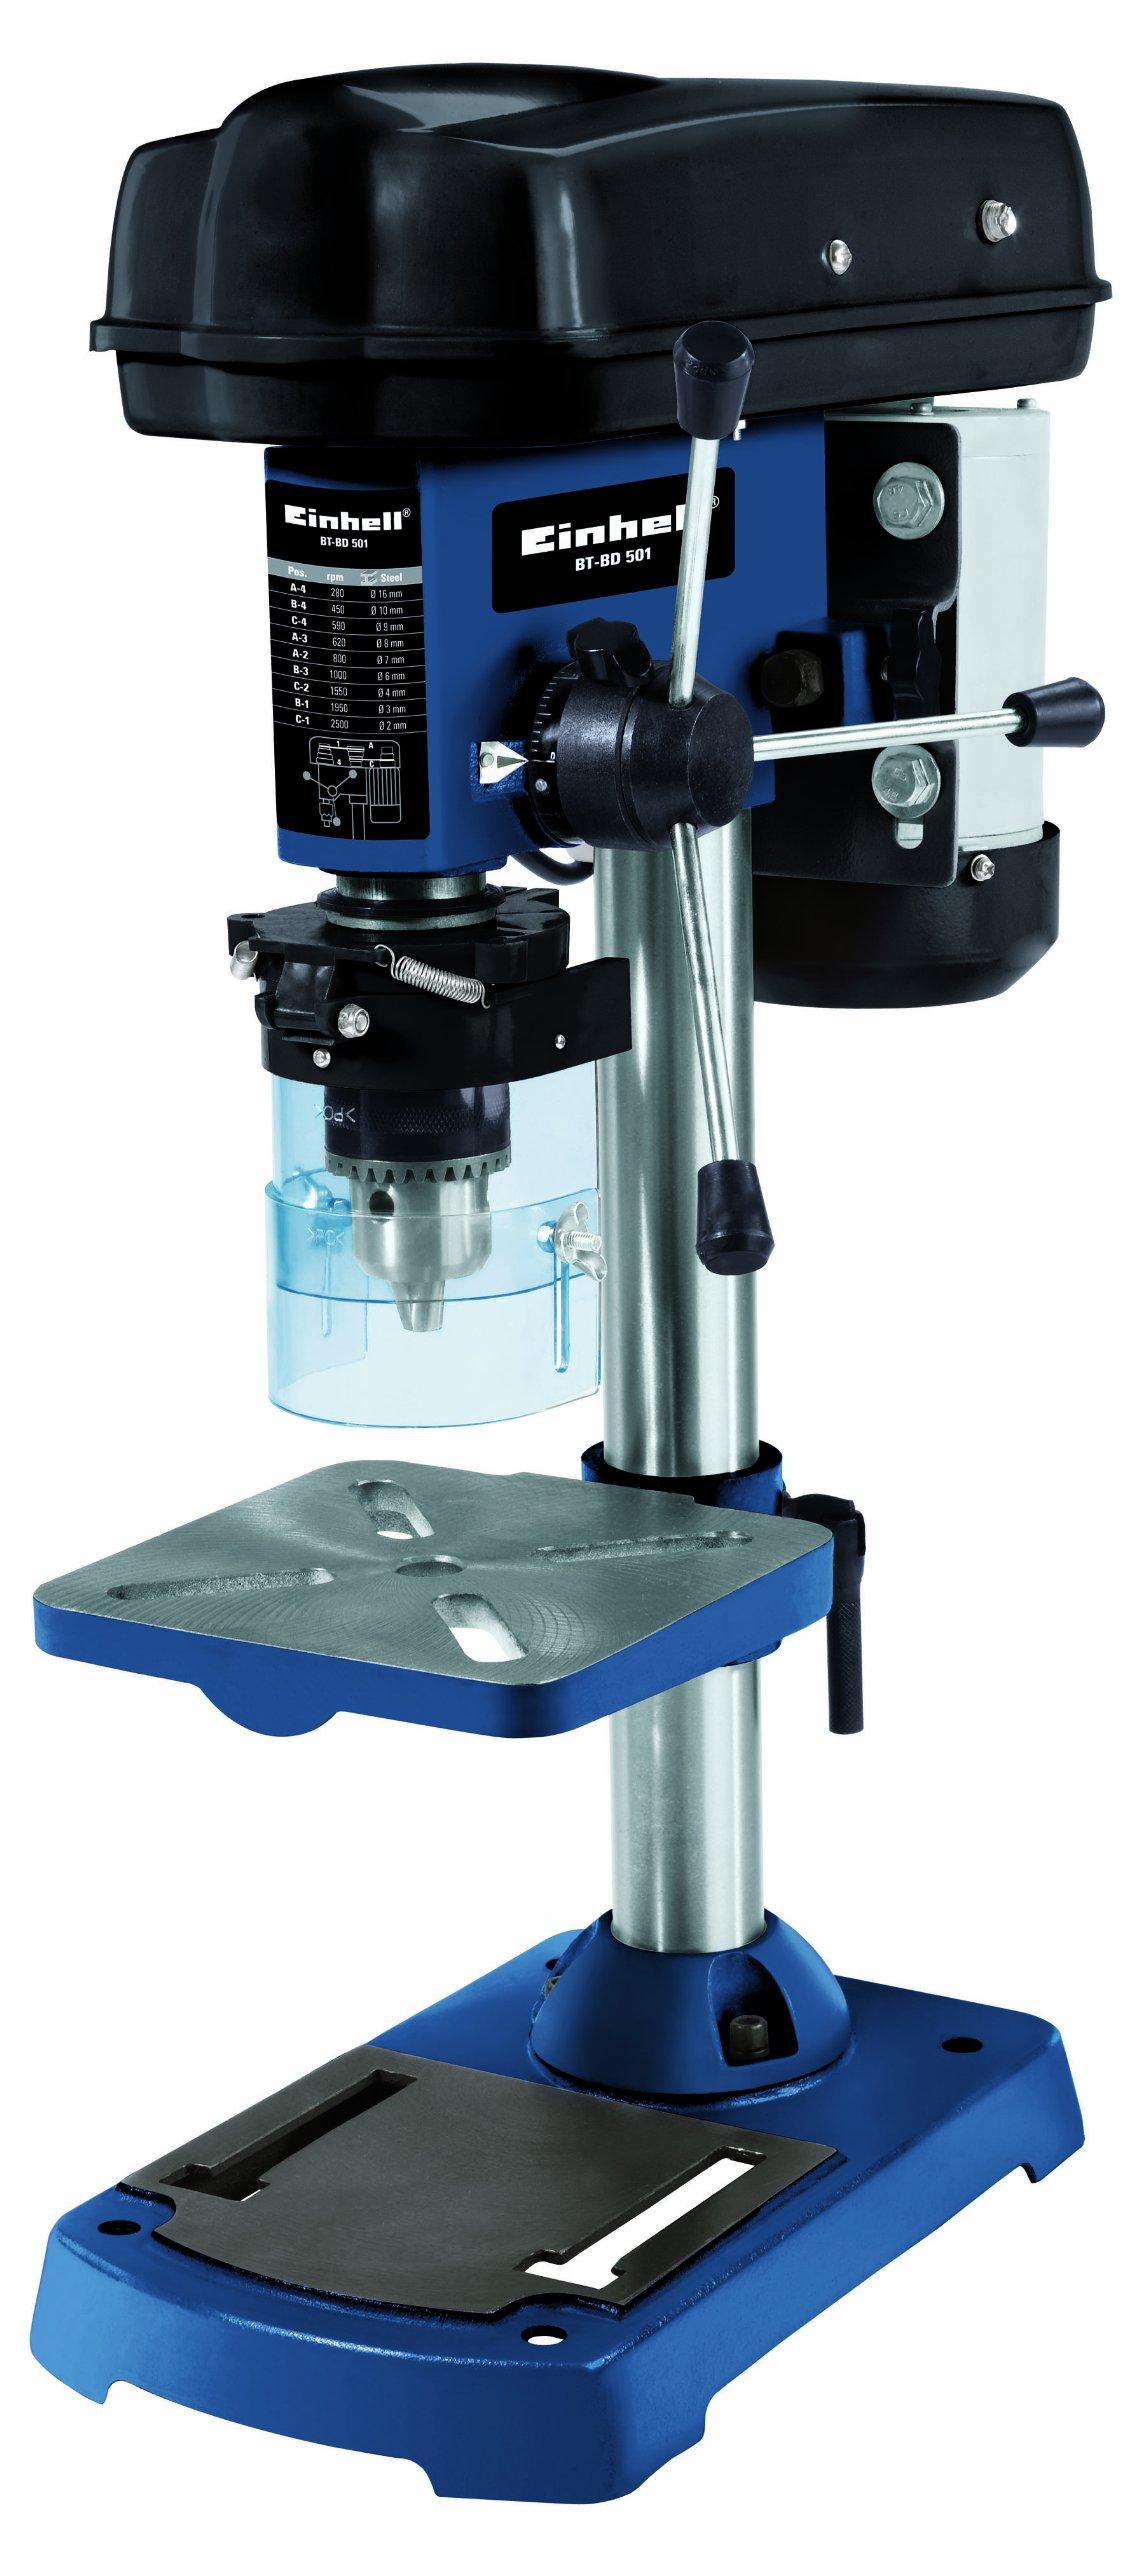 Einhell-Sulenbohrmaschine-BT-BD-501-500-W-Bohr–15-16-mm-Bohrtiefe-50-mm-Drehzahlreglung-stufenlose-Tischhhenverstellung